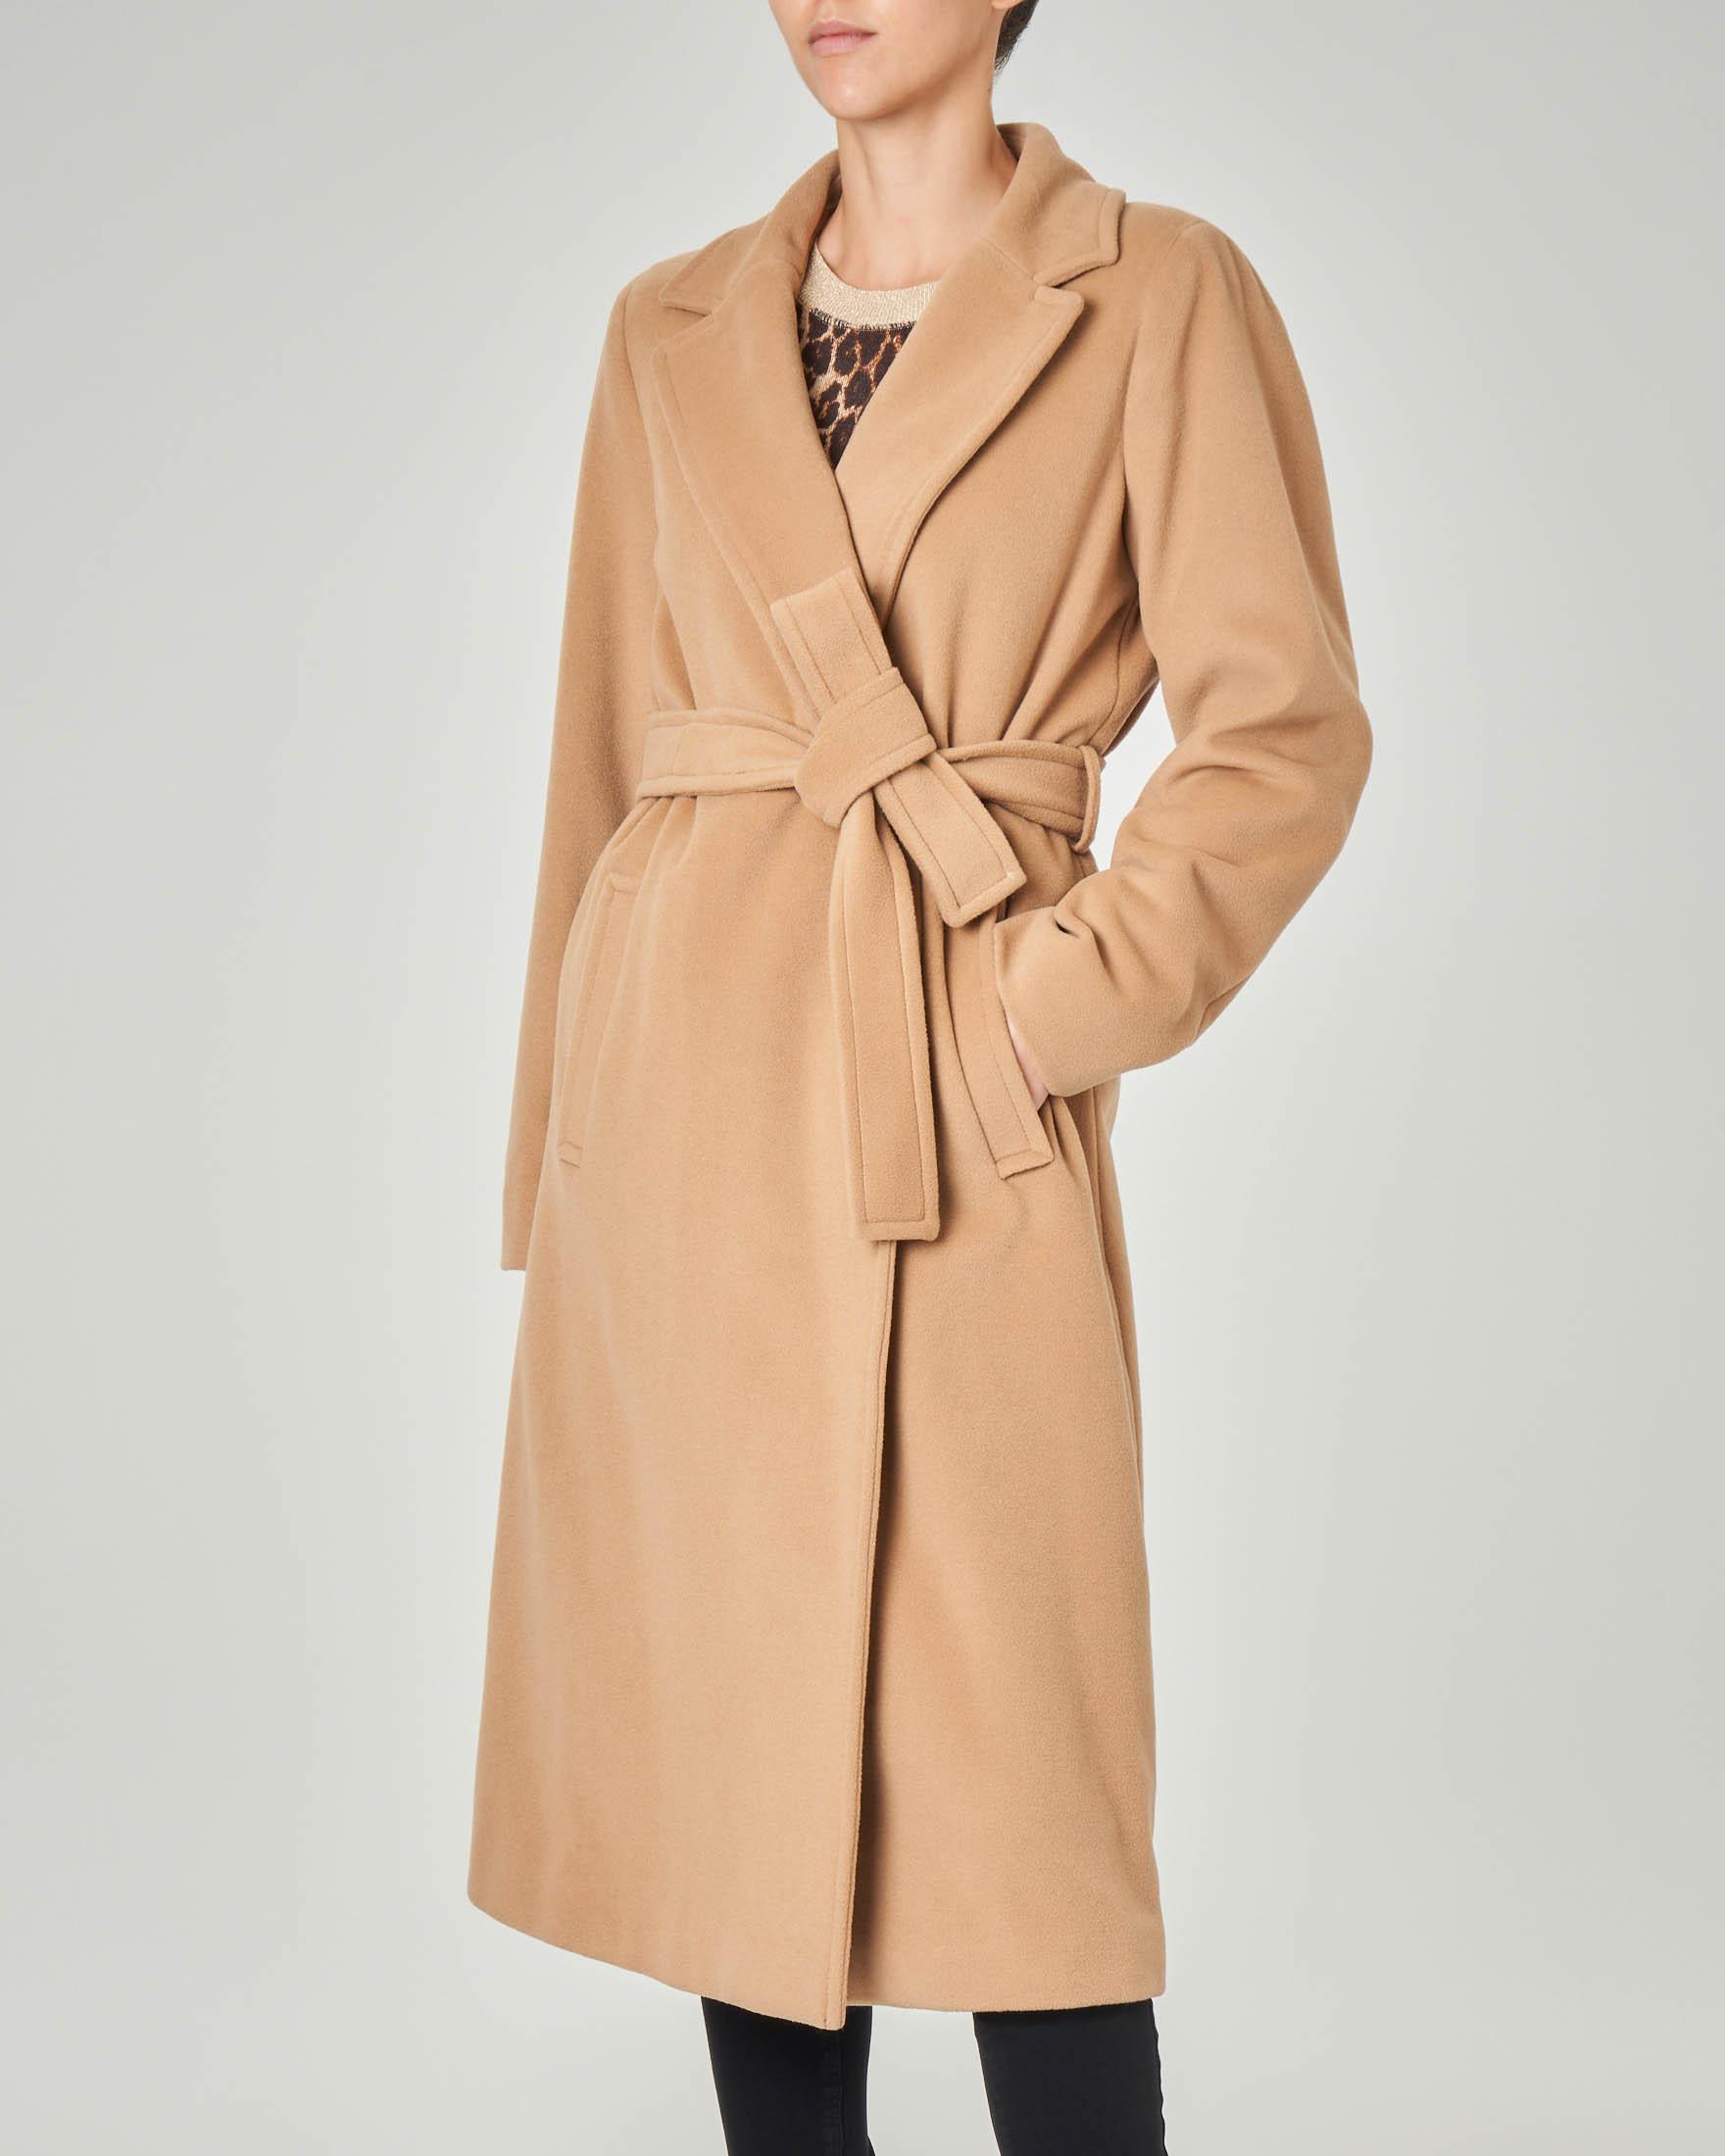 Cappotto sette ottavi a vestaglia color cammello